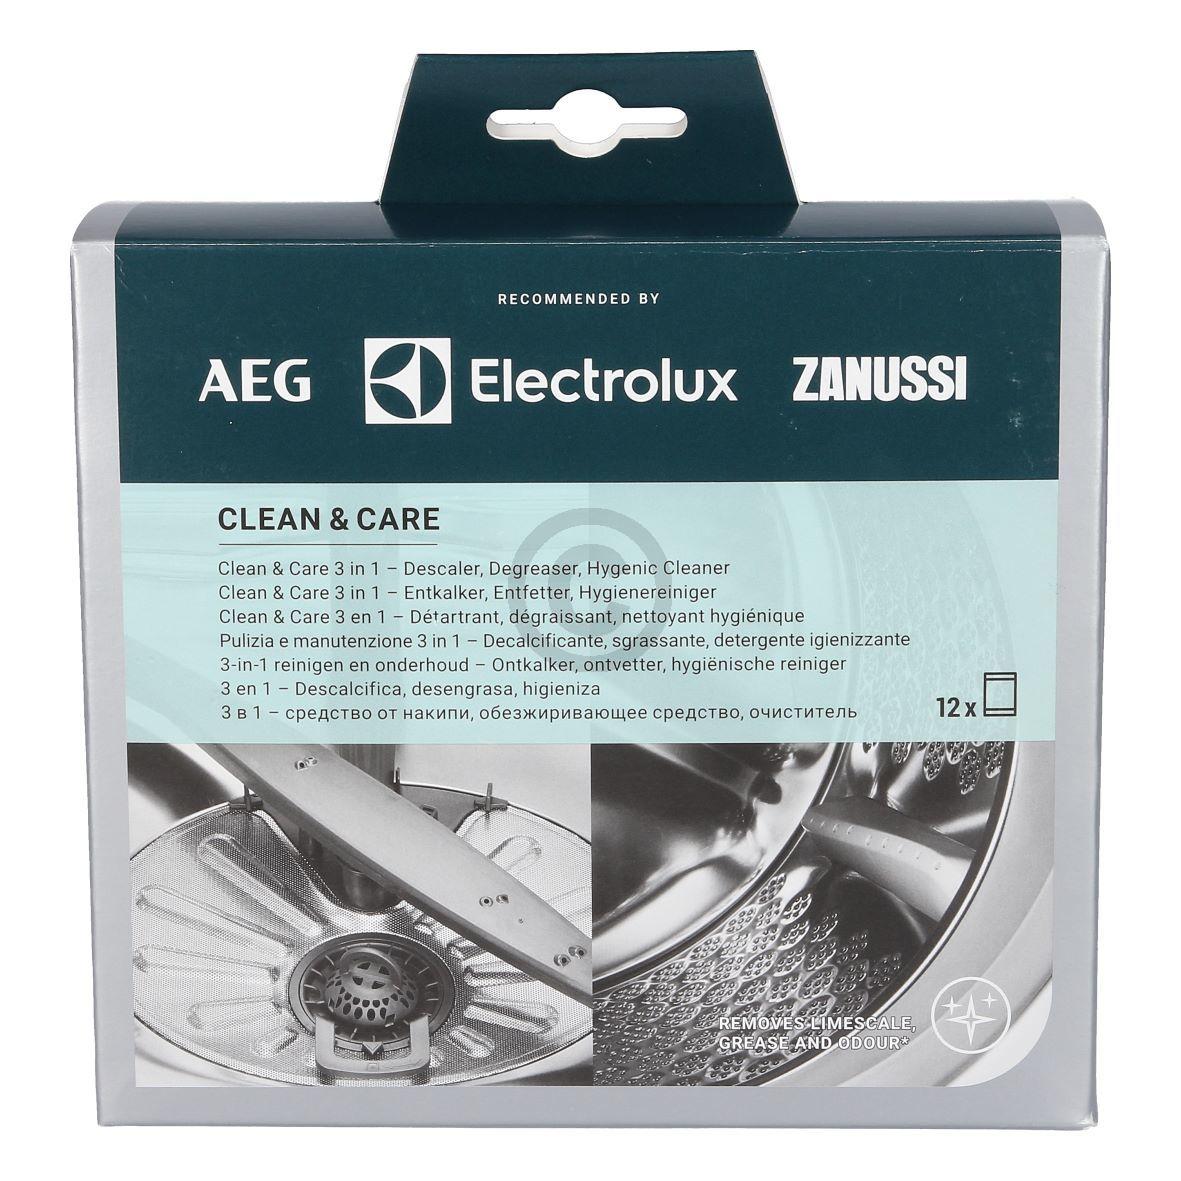 Maschinen-Reiniger Electrolux Clean&Care-Box 10x50g 902979274/5